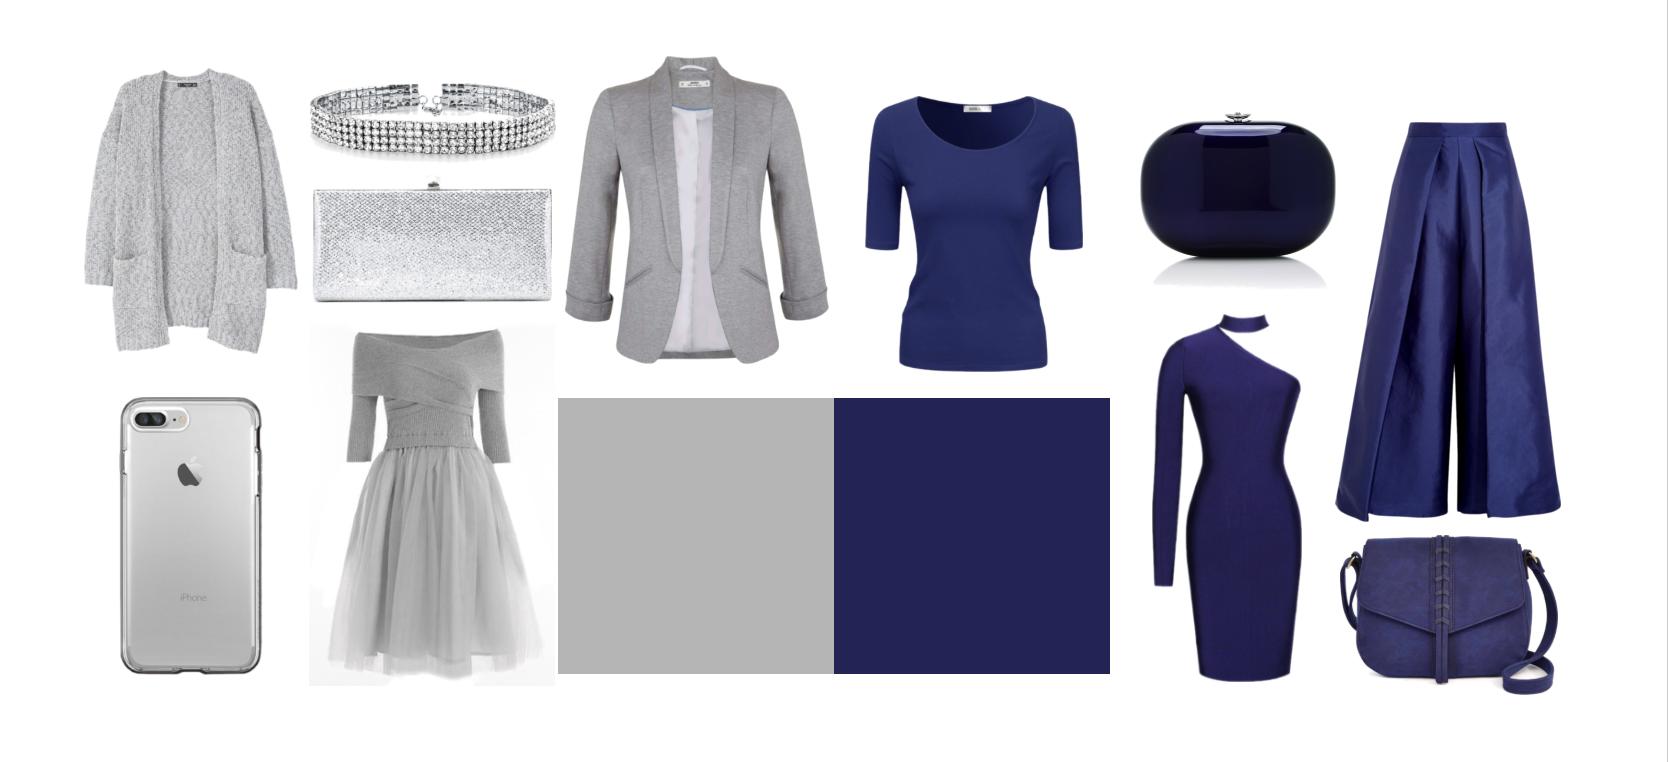 Отвратительное сочетание цветов: серый + синий.